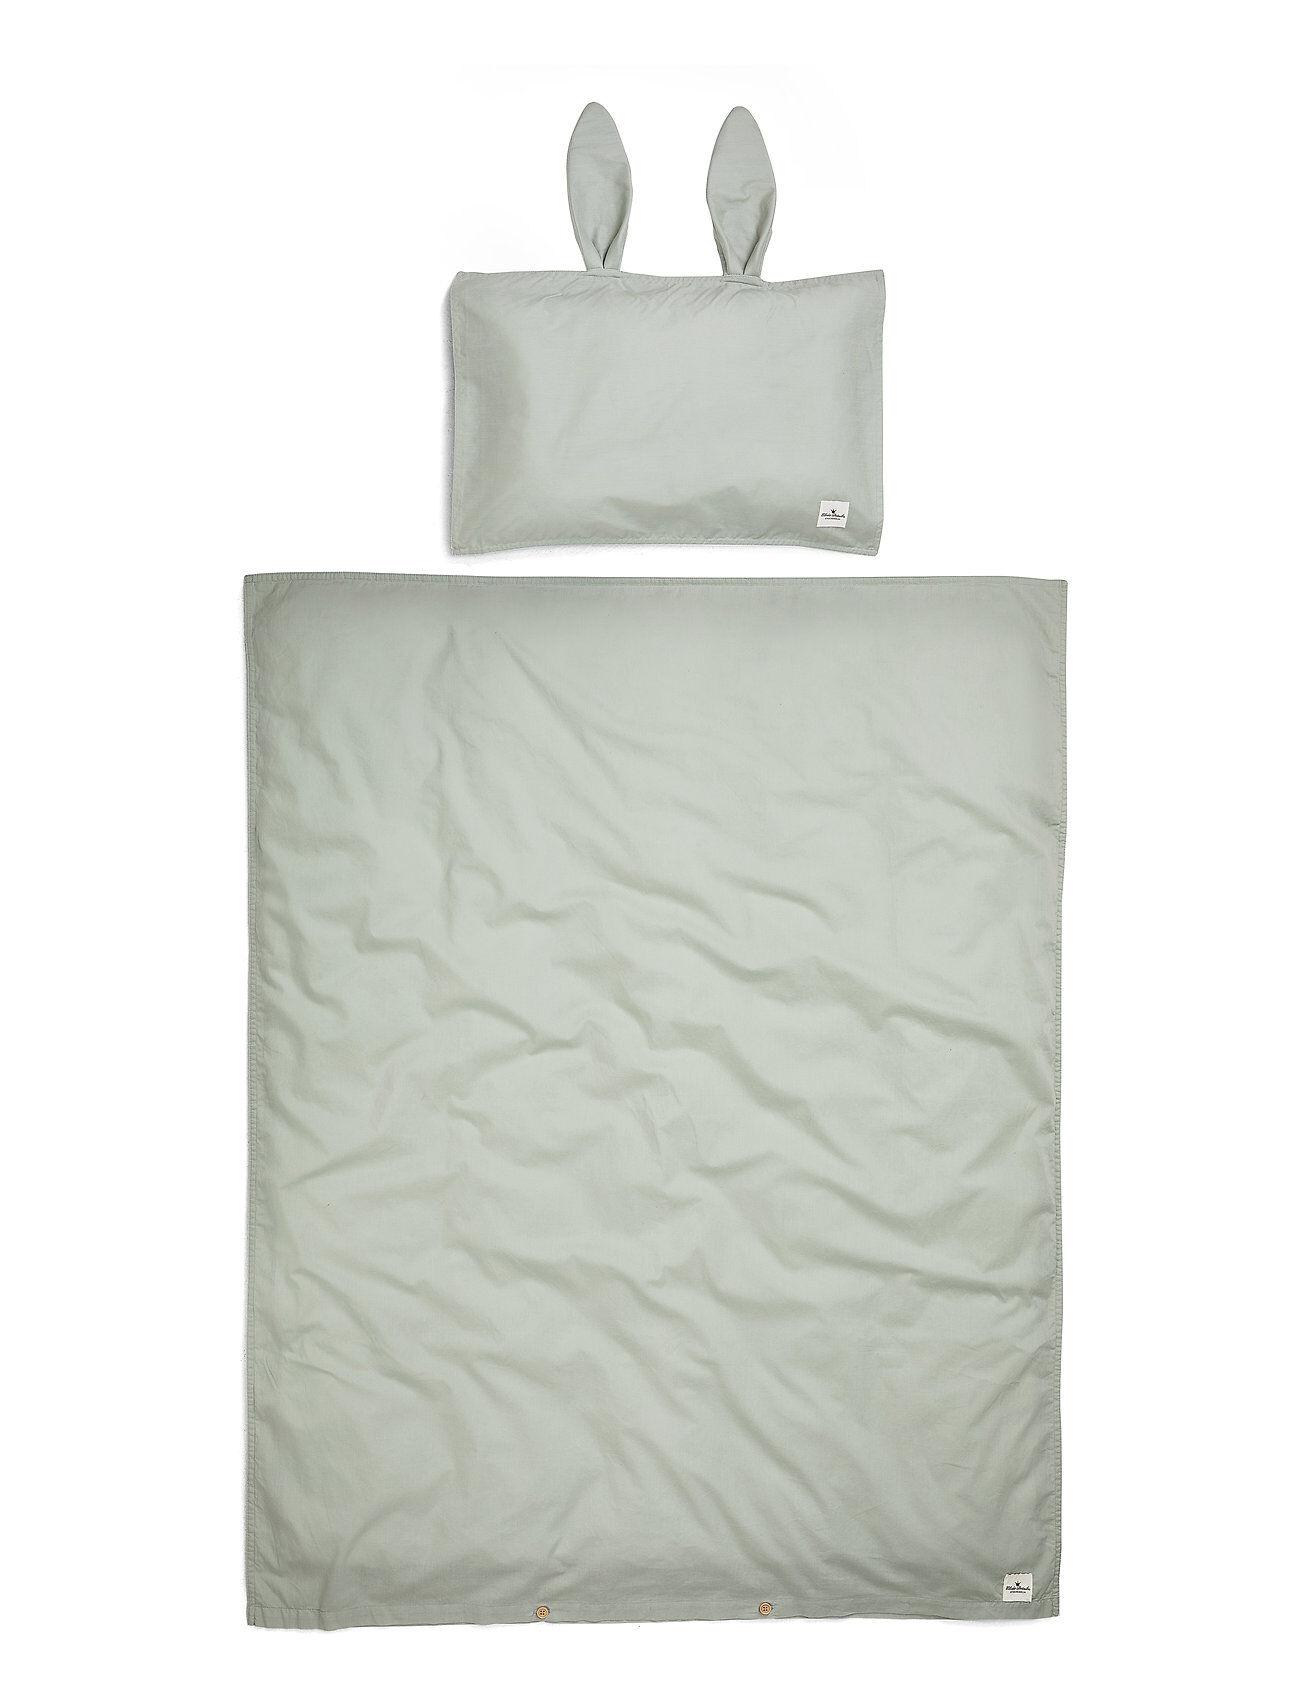 Elodie Details Crib Bedding Set - Mineral Green Home Sleep Time Bedding & Sheets Vihreä Elodie Details